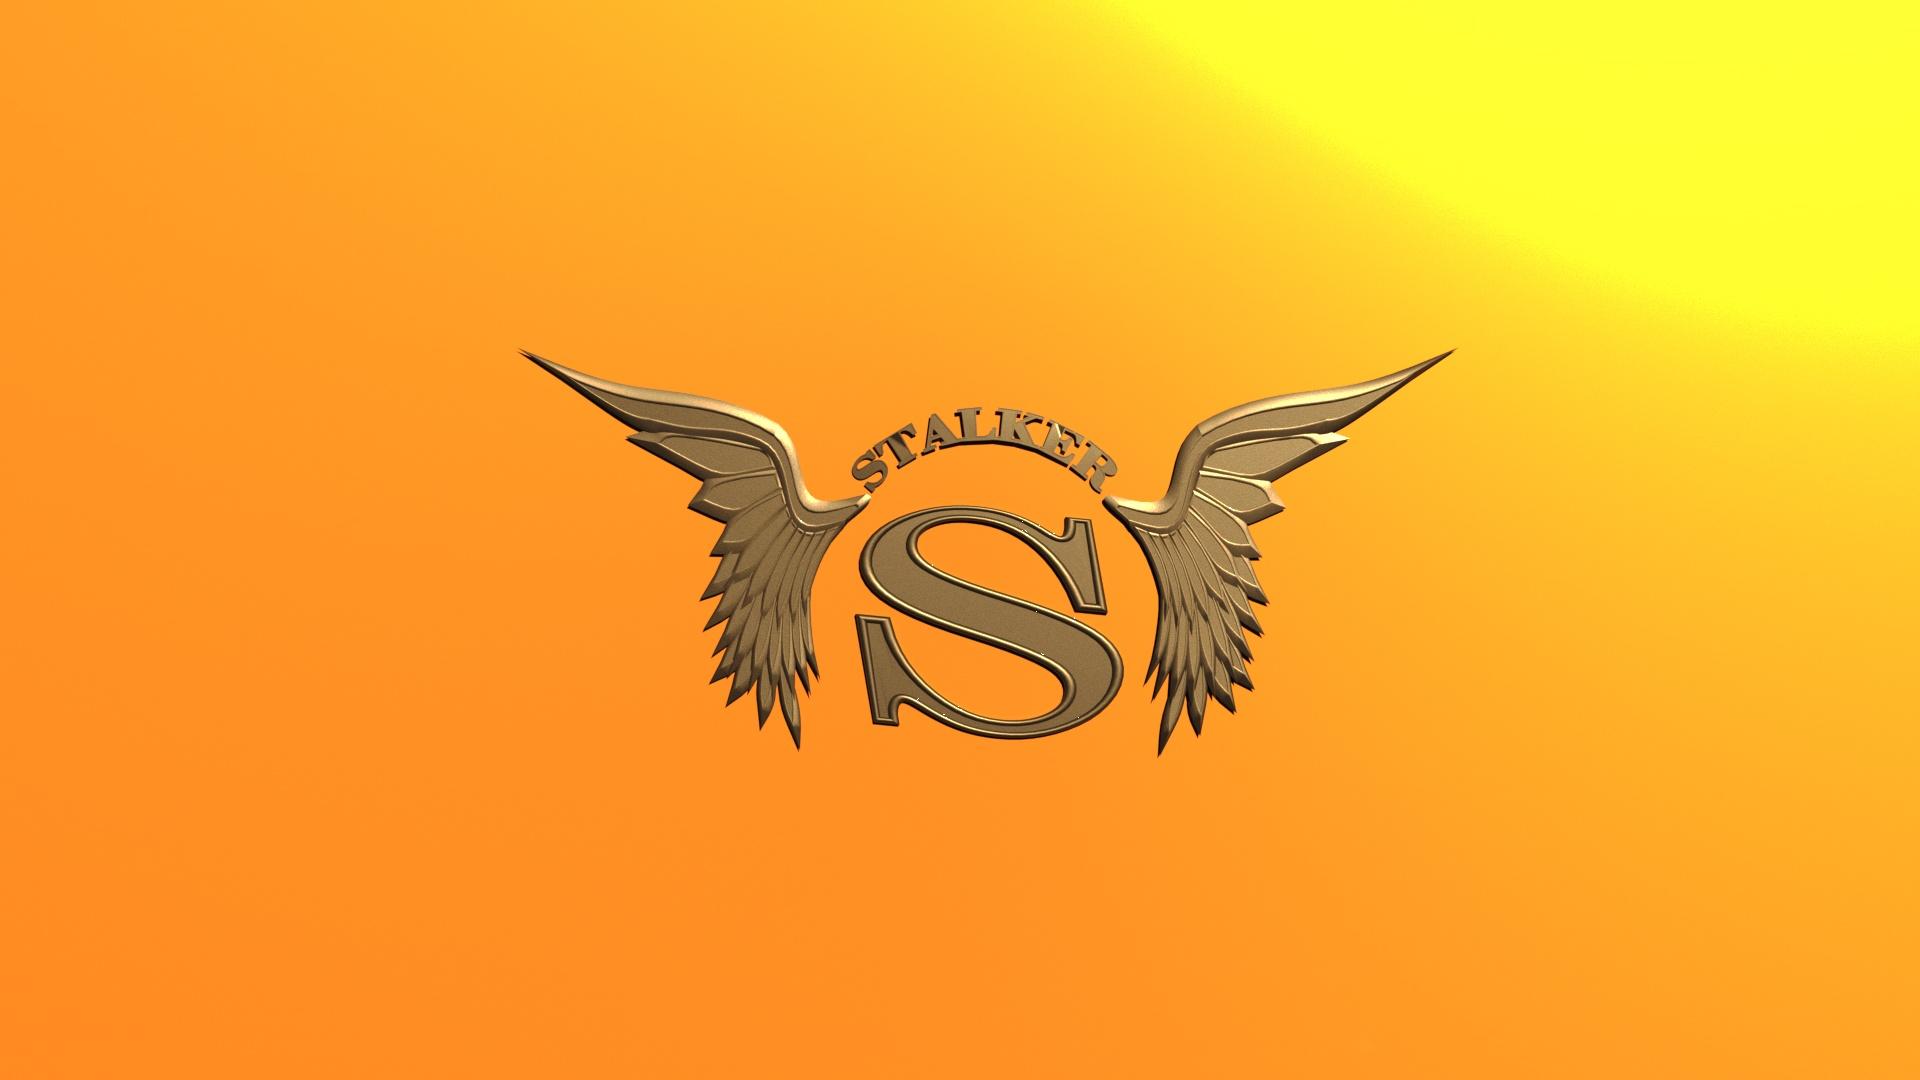 Разработать логотип для вездехода фото f_5445f8ee3bbd0c56.jpg